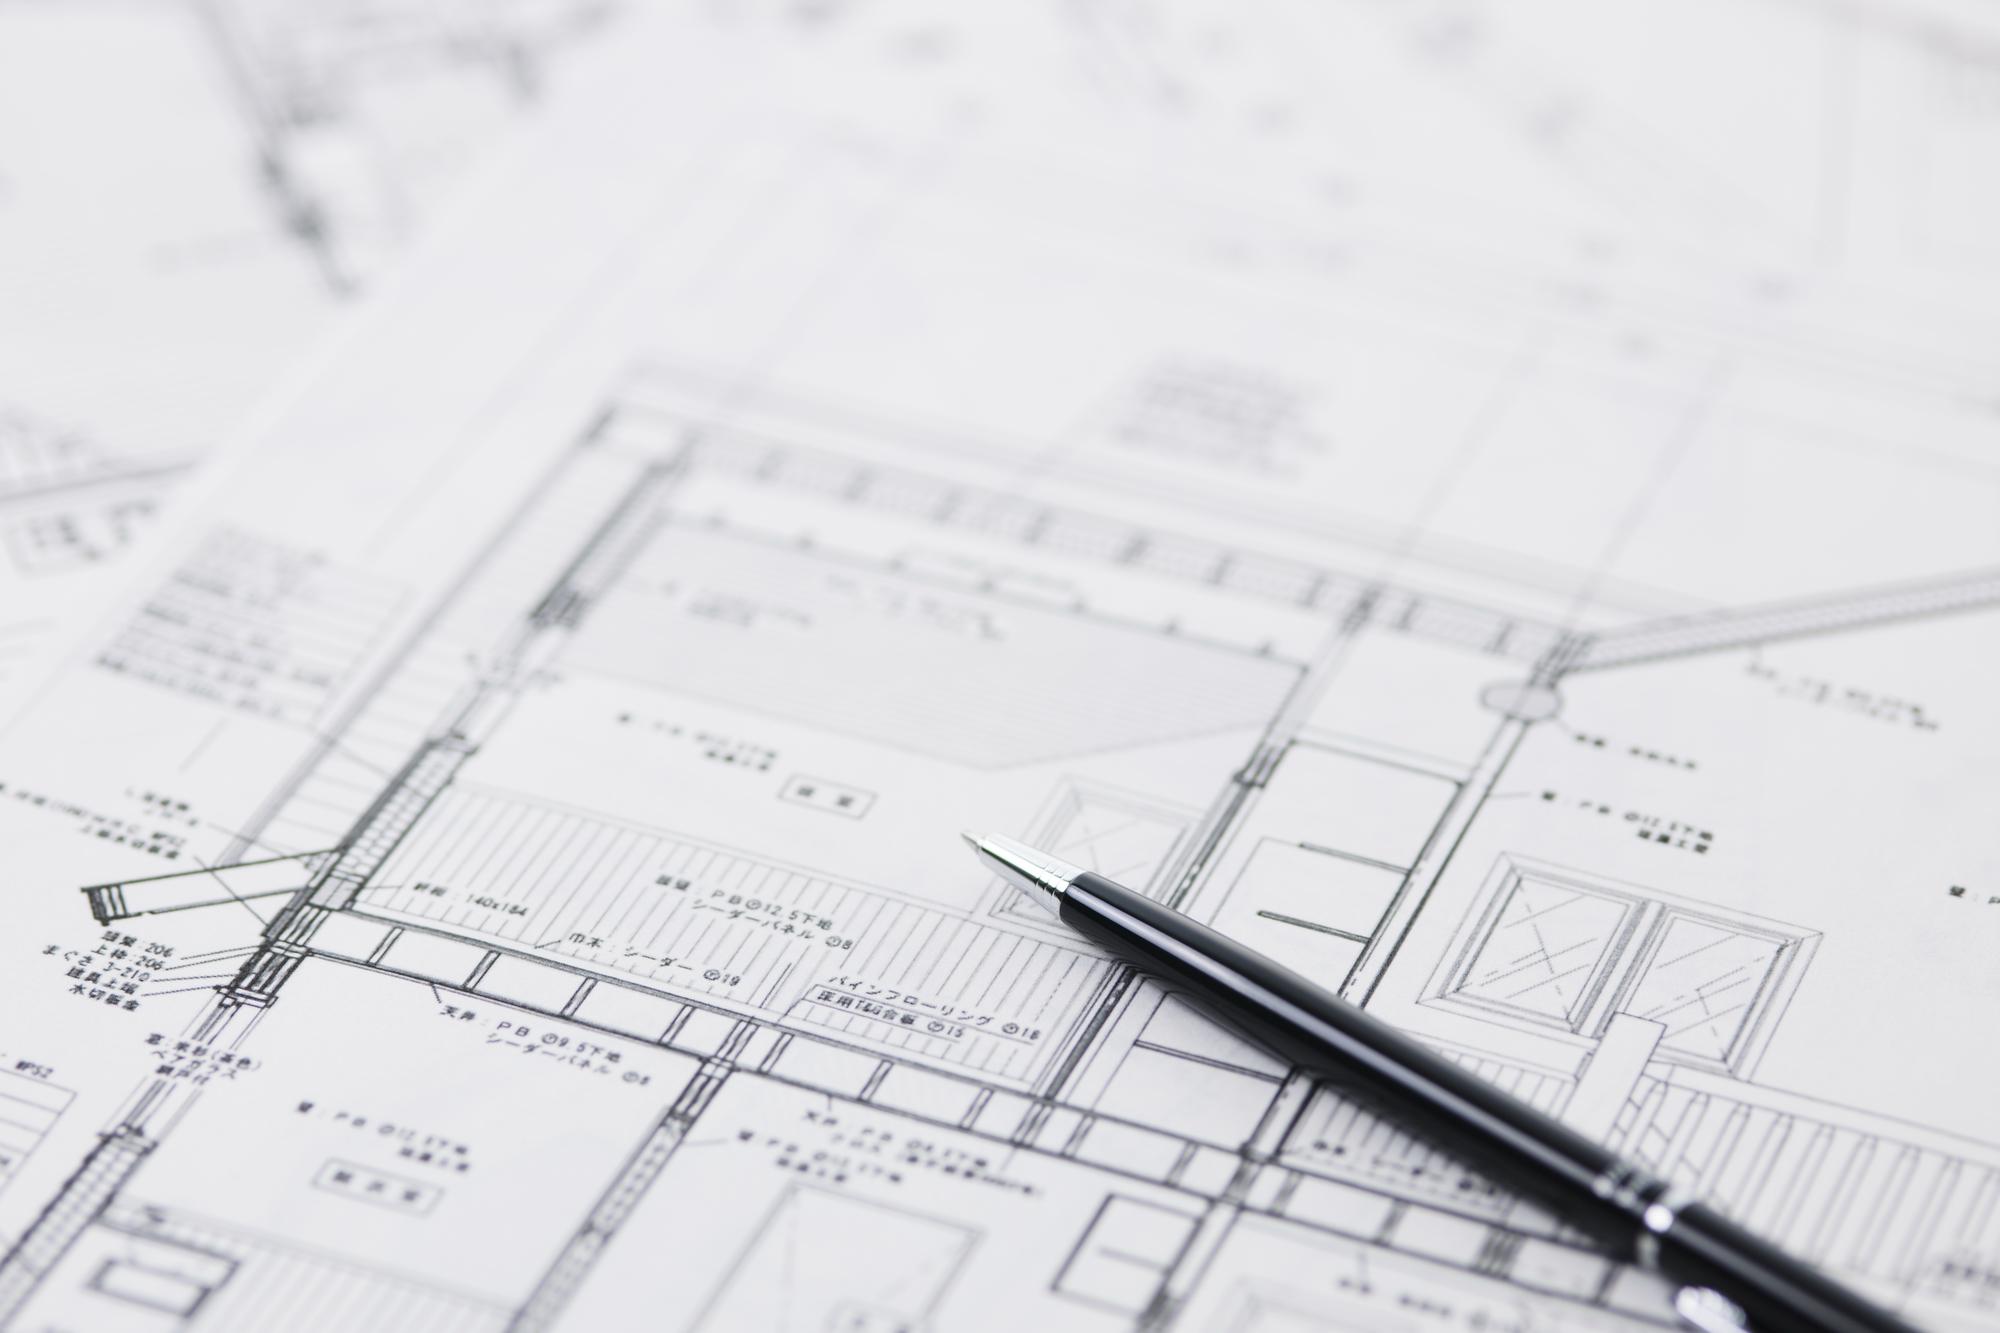 「簡易宿所」の取得に必要な、申請書類等の準備・記入法